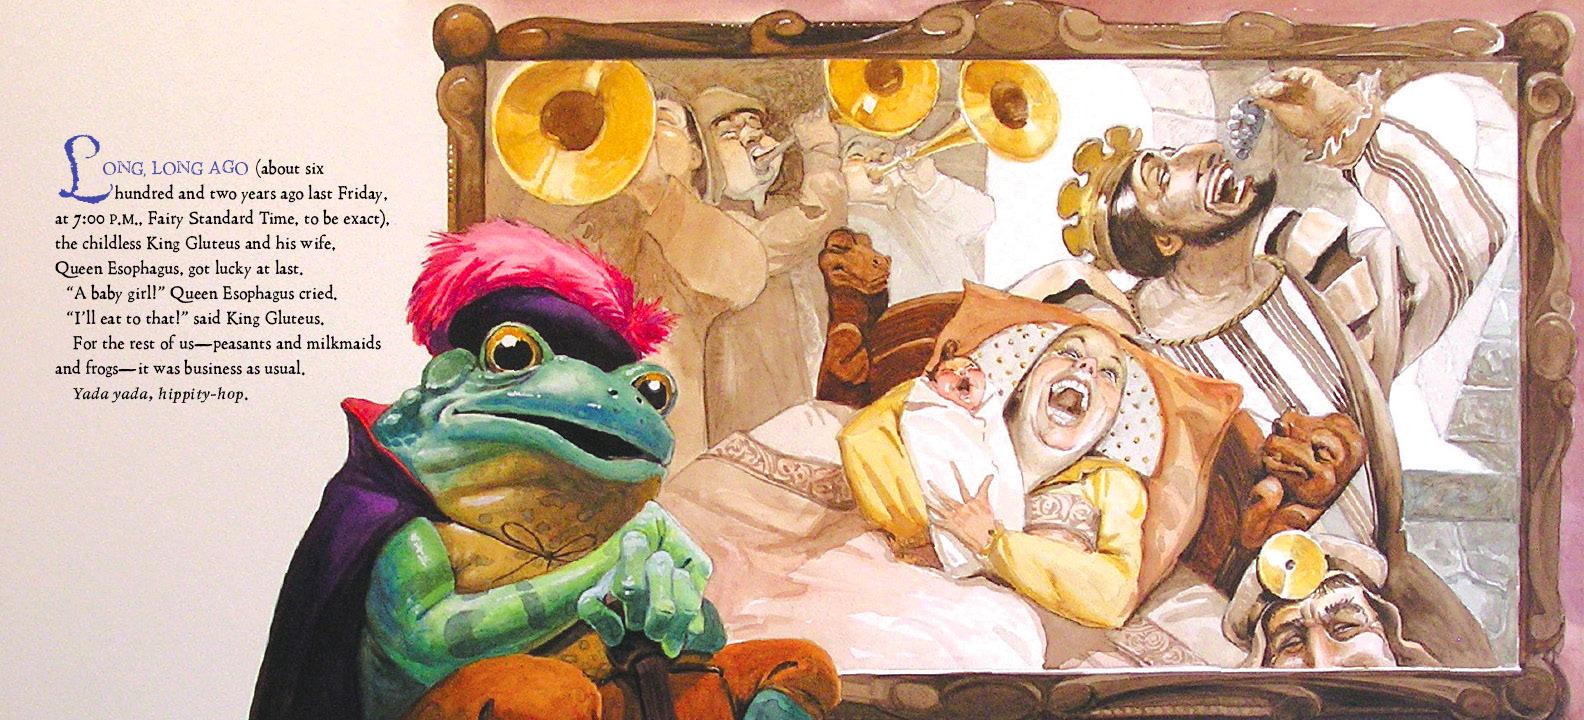 SnoringBeauty.jpg